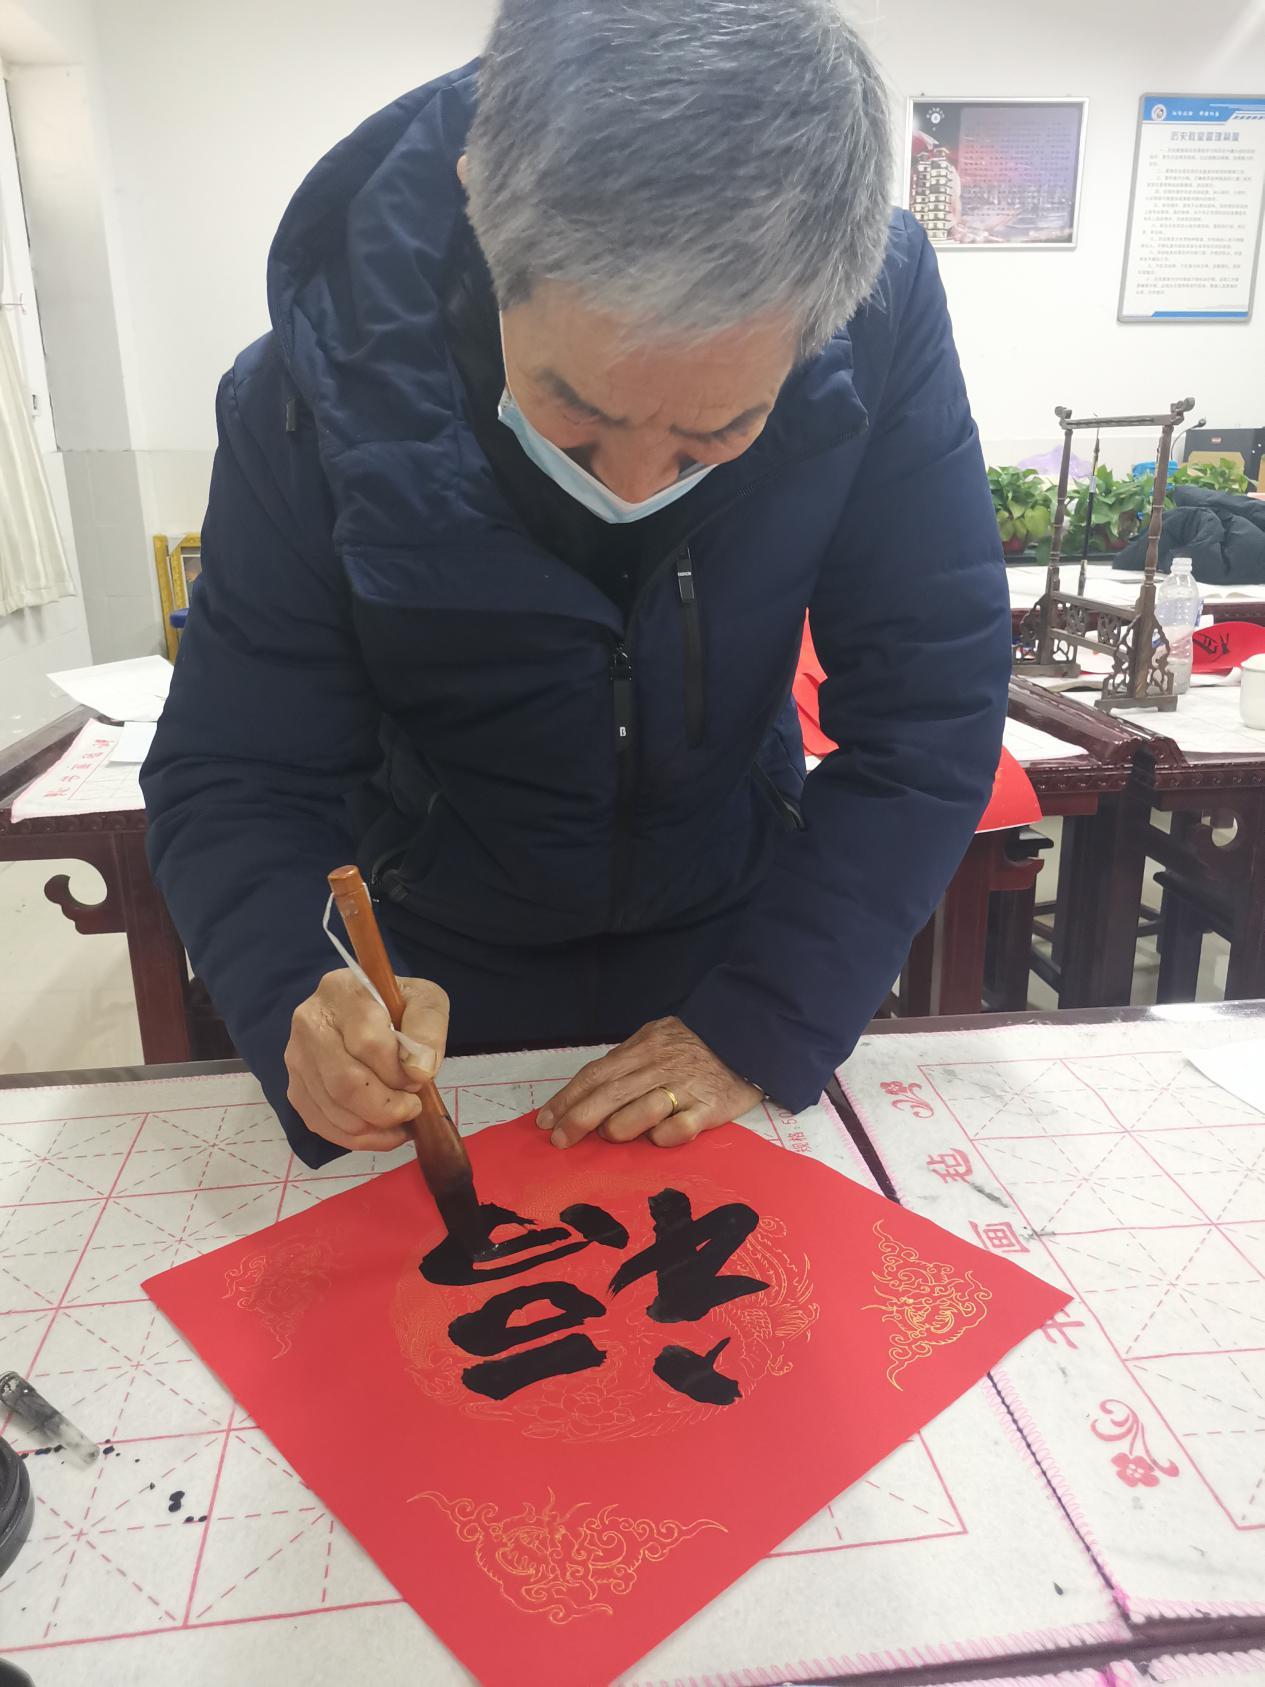 翰墨飘香迎新年――书家齐聚郑州管城区第六中学,共写新春祝福